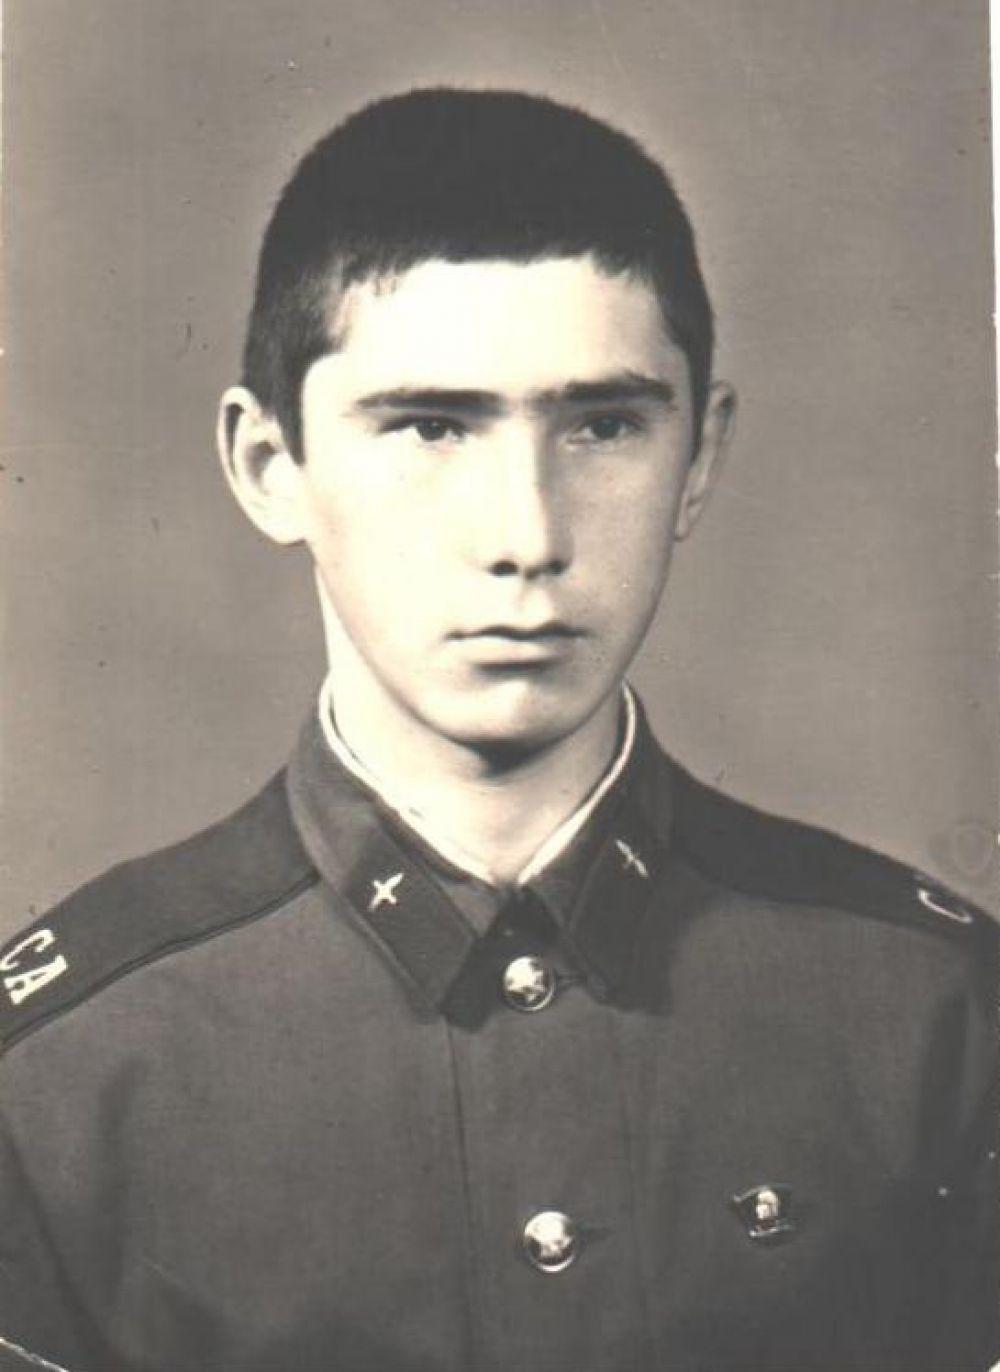 Участник №8: Валиуллин Наиль Салихович,ВВС, служба в рядах СА 1976-1978